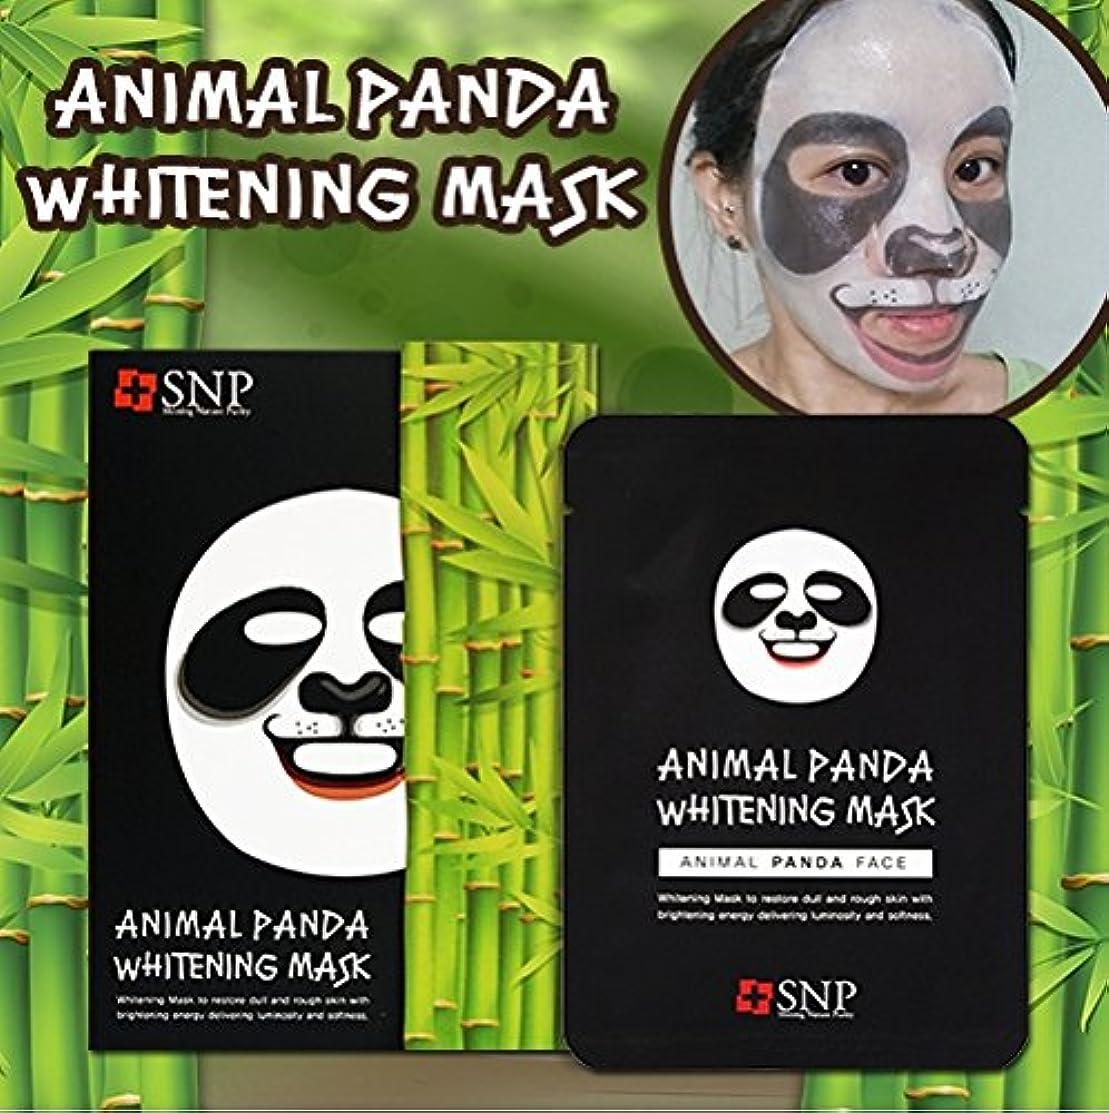 放棄するレンド原子炉(SNP)アニマルパンダホワイトニングマスク 灰色がかった肌色の改善10本入[並行輸入品]SNP Animal Panda Whitening Face Mask Pack x10EA